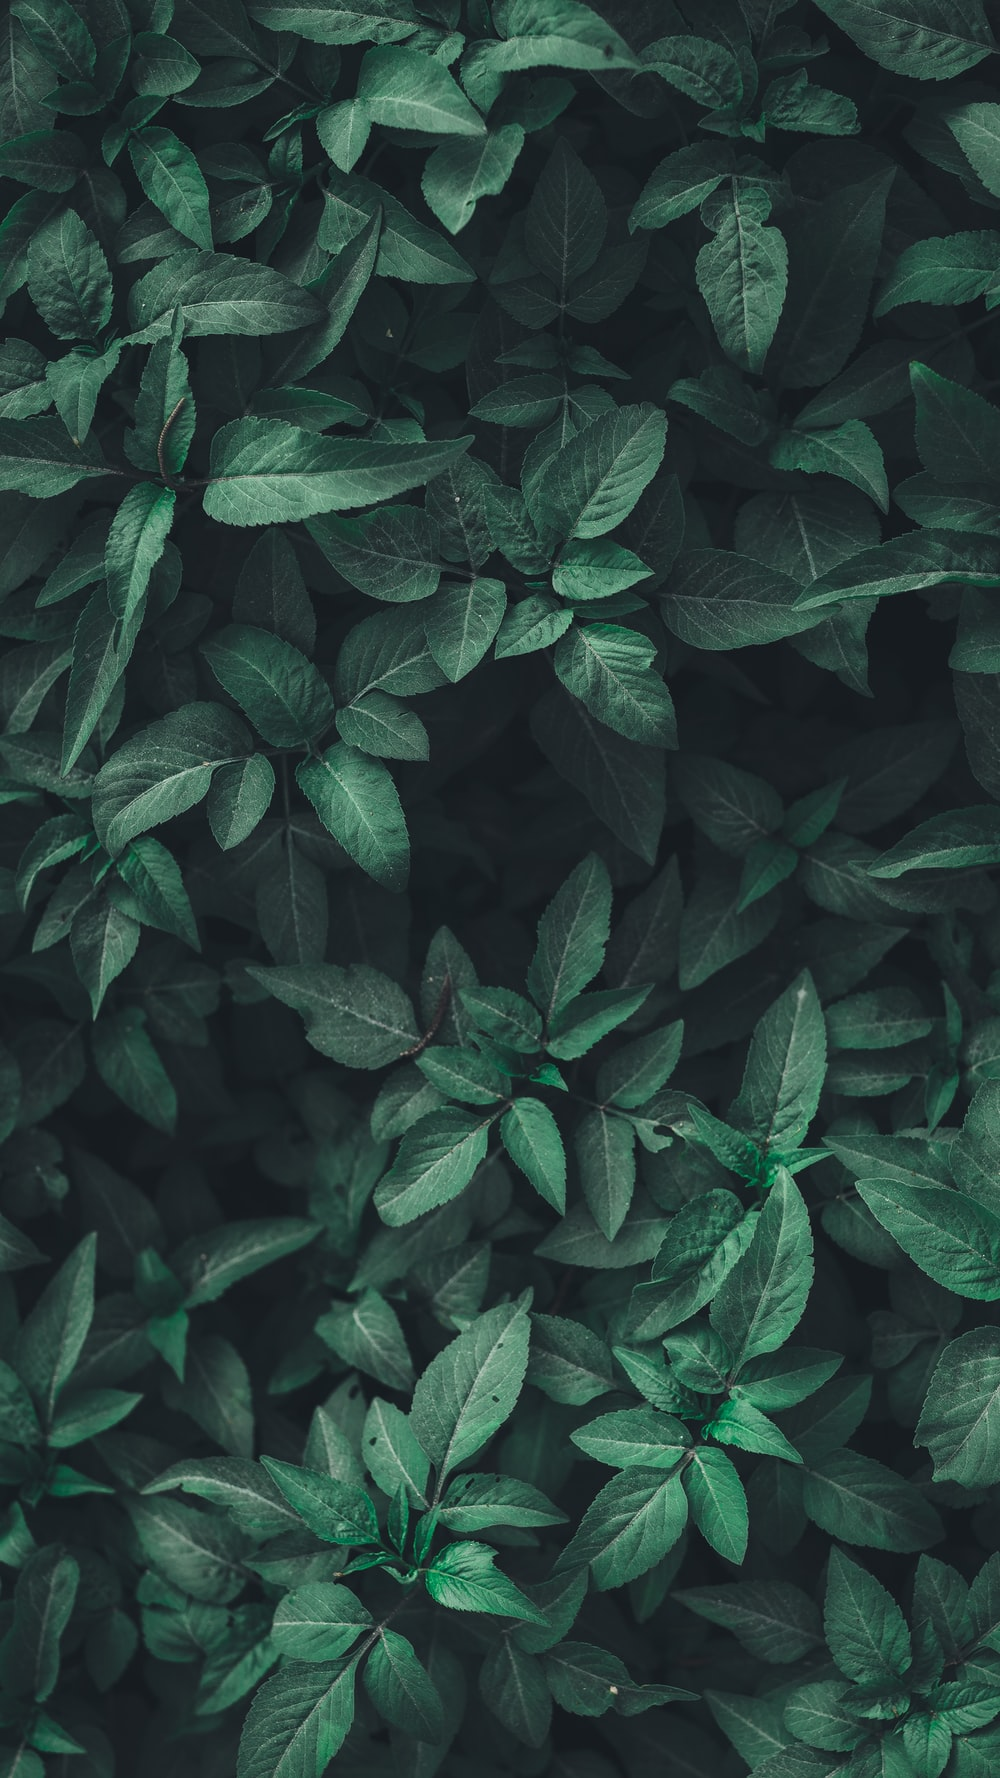 green leaf plants